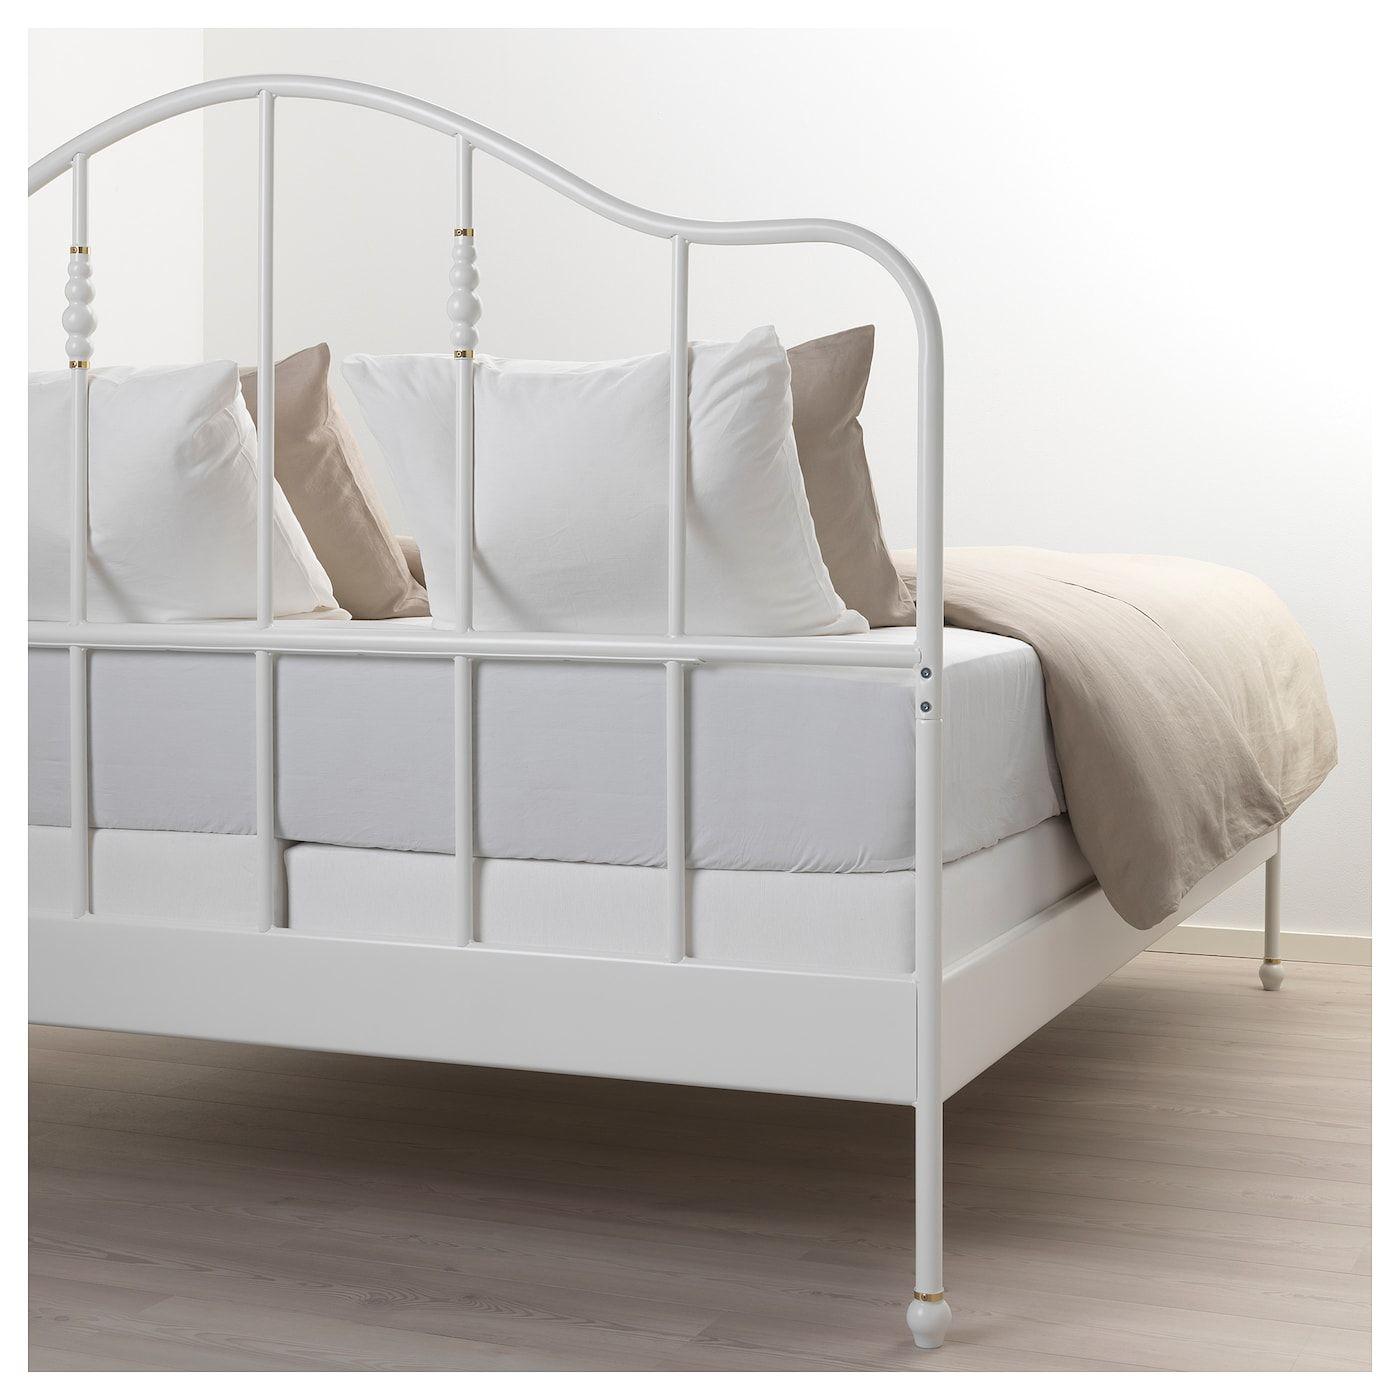 Sagstua Bed Frame - White, Espevär Queen | Structure De Lit ... à Lit Fer Forgé Ikea